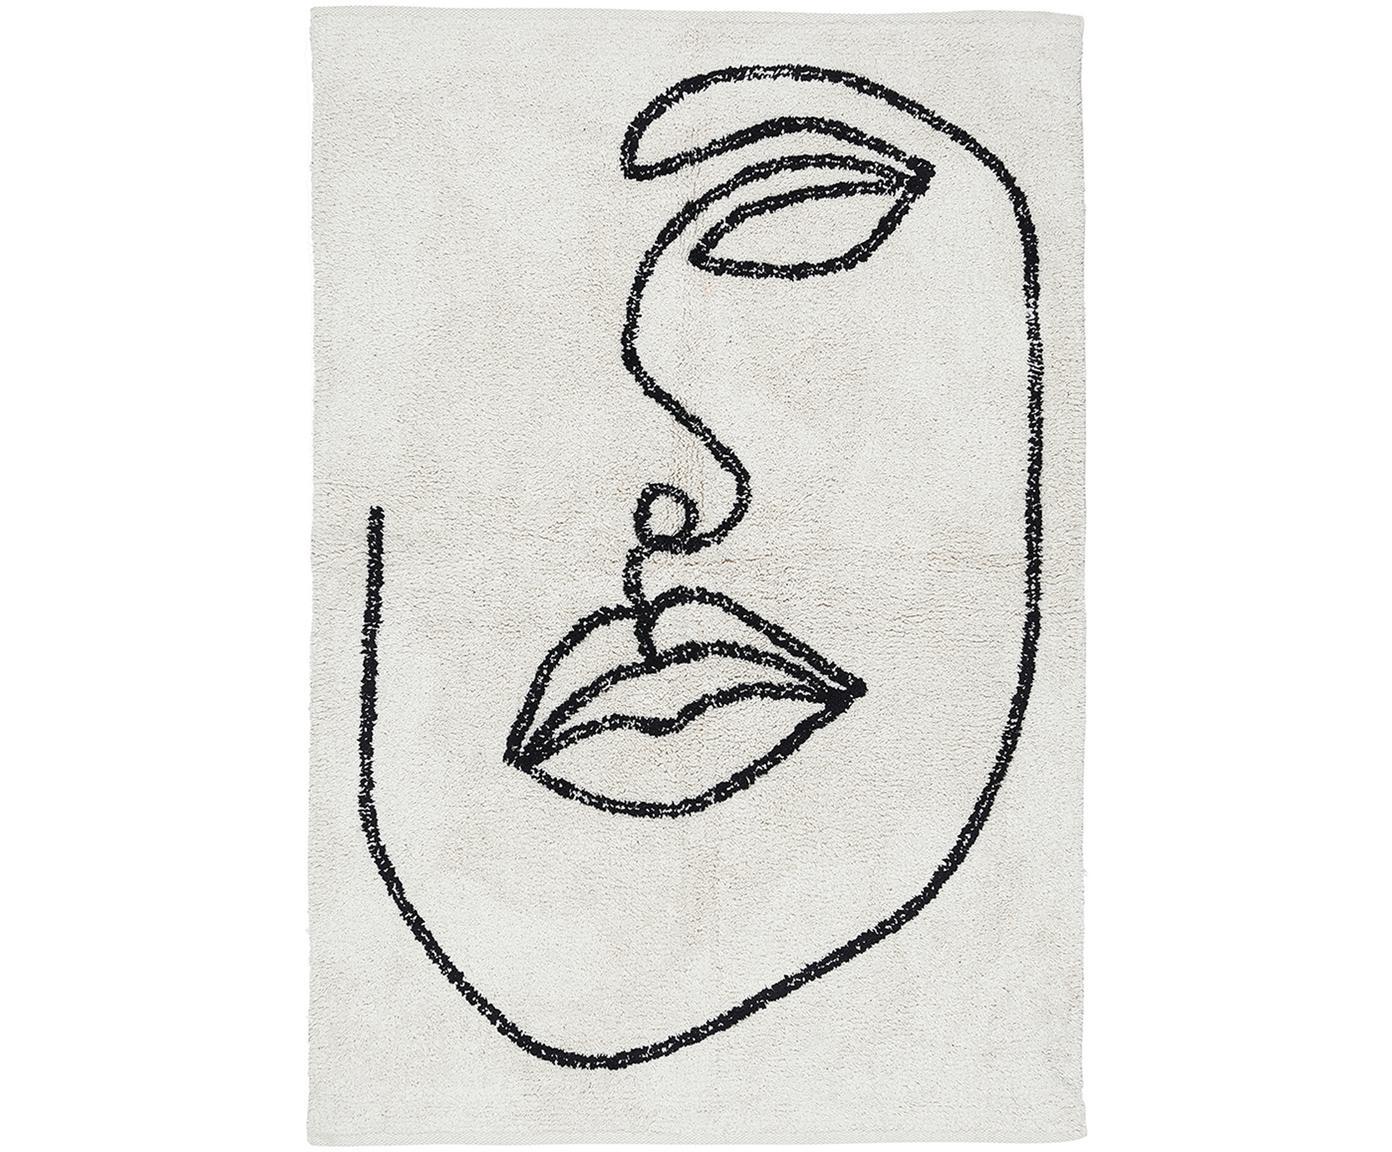 Katoenen vloerkleed Visage met abstracte one line tekening, Biokatoen, Gebroken wit, zwart, B 90 x L 120 cm (maat S)